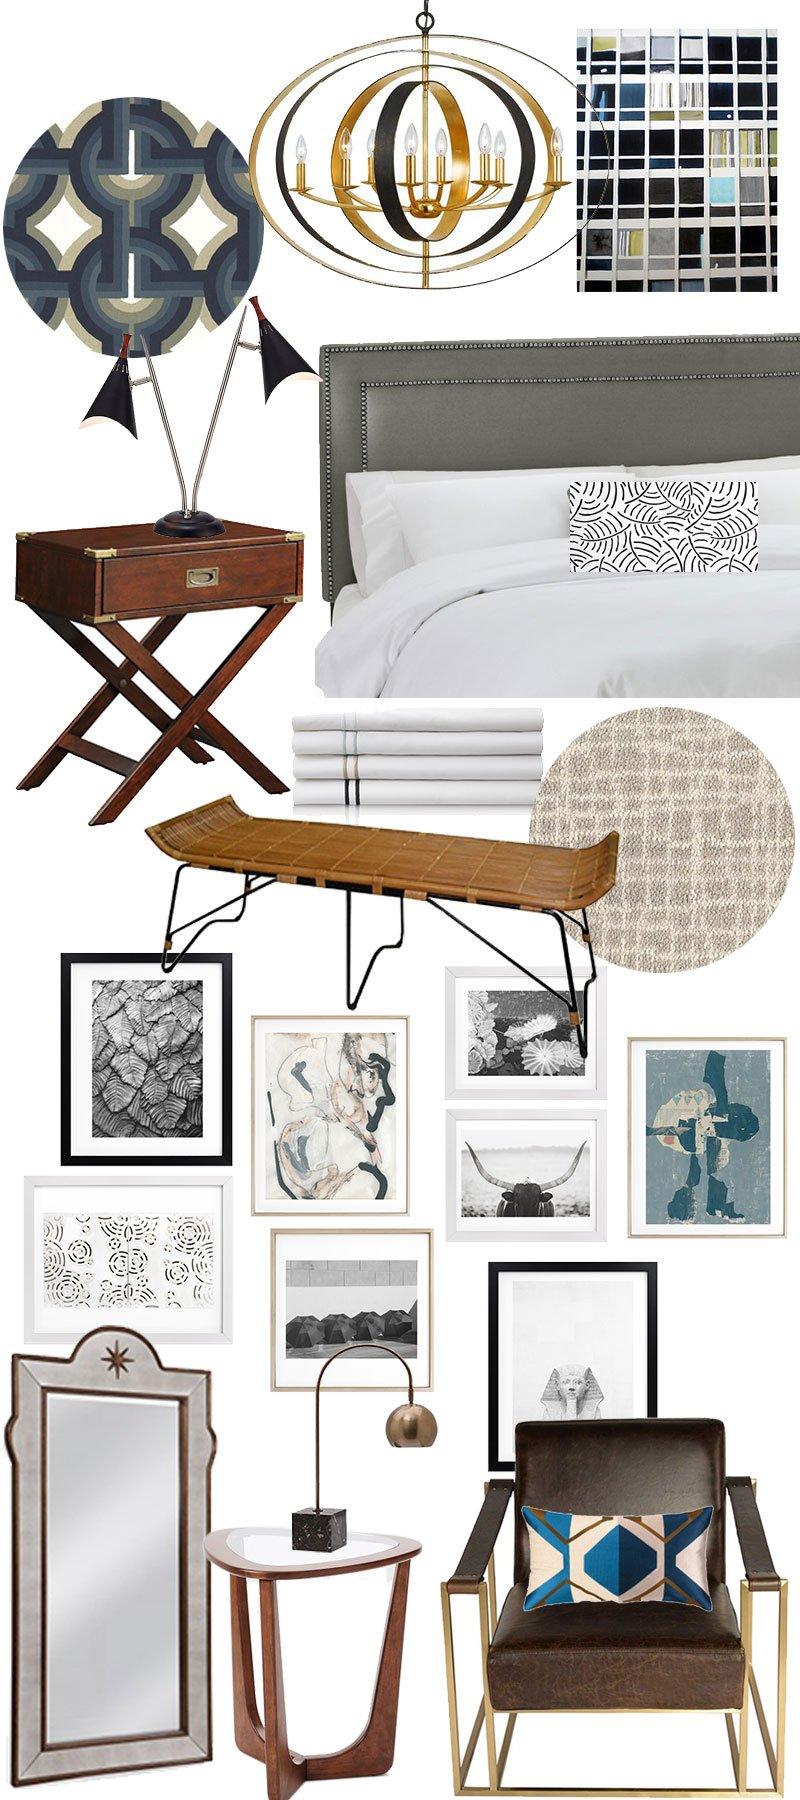 Master bedroom #OneRoomChallenge design boards on @thouswellblog